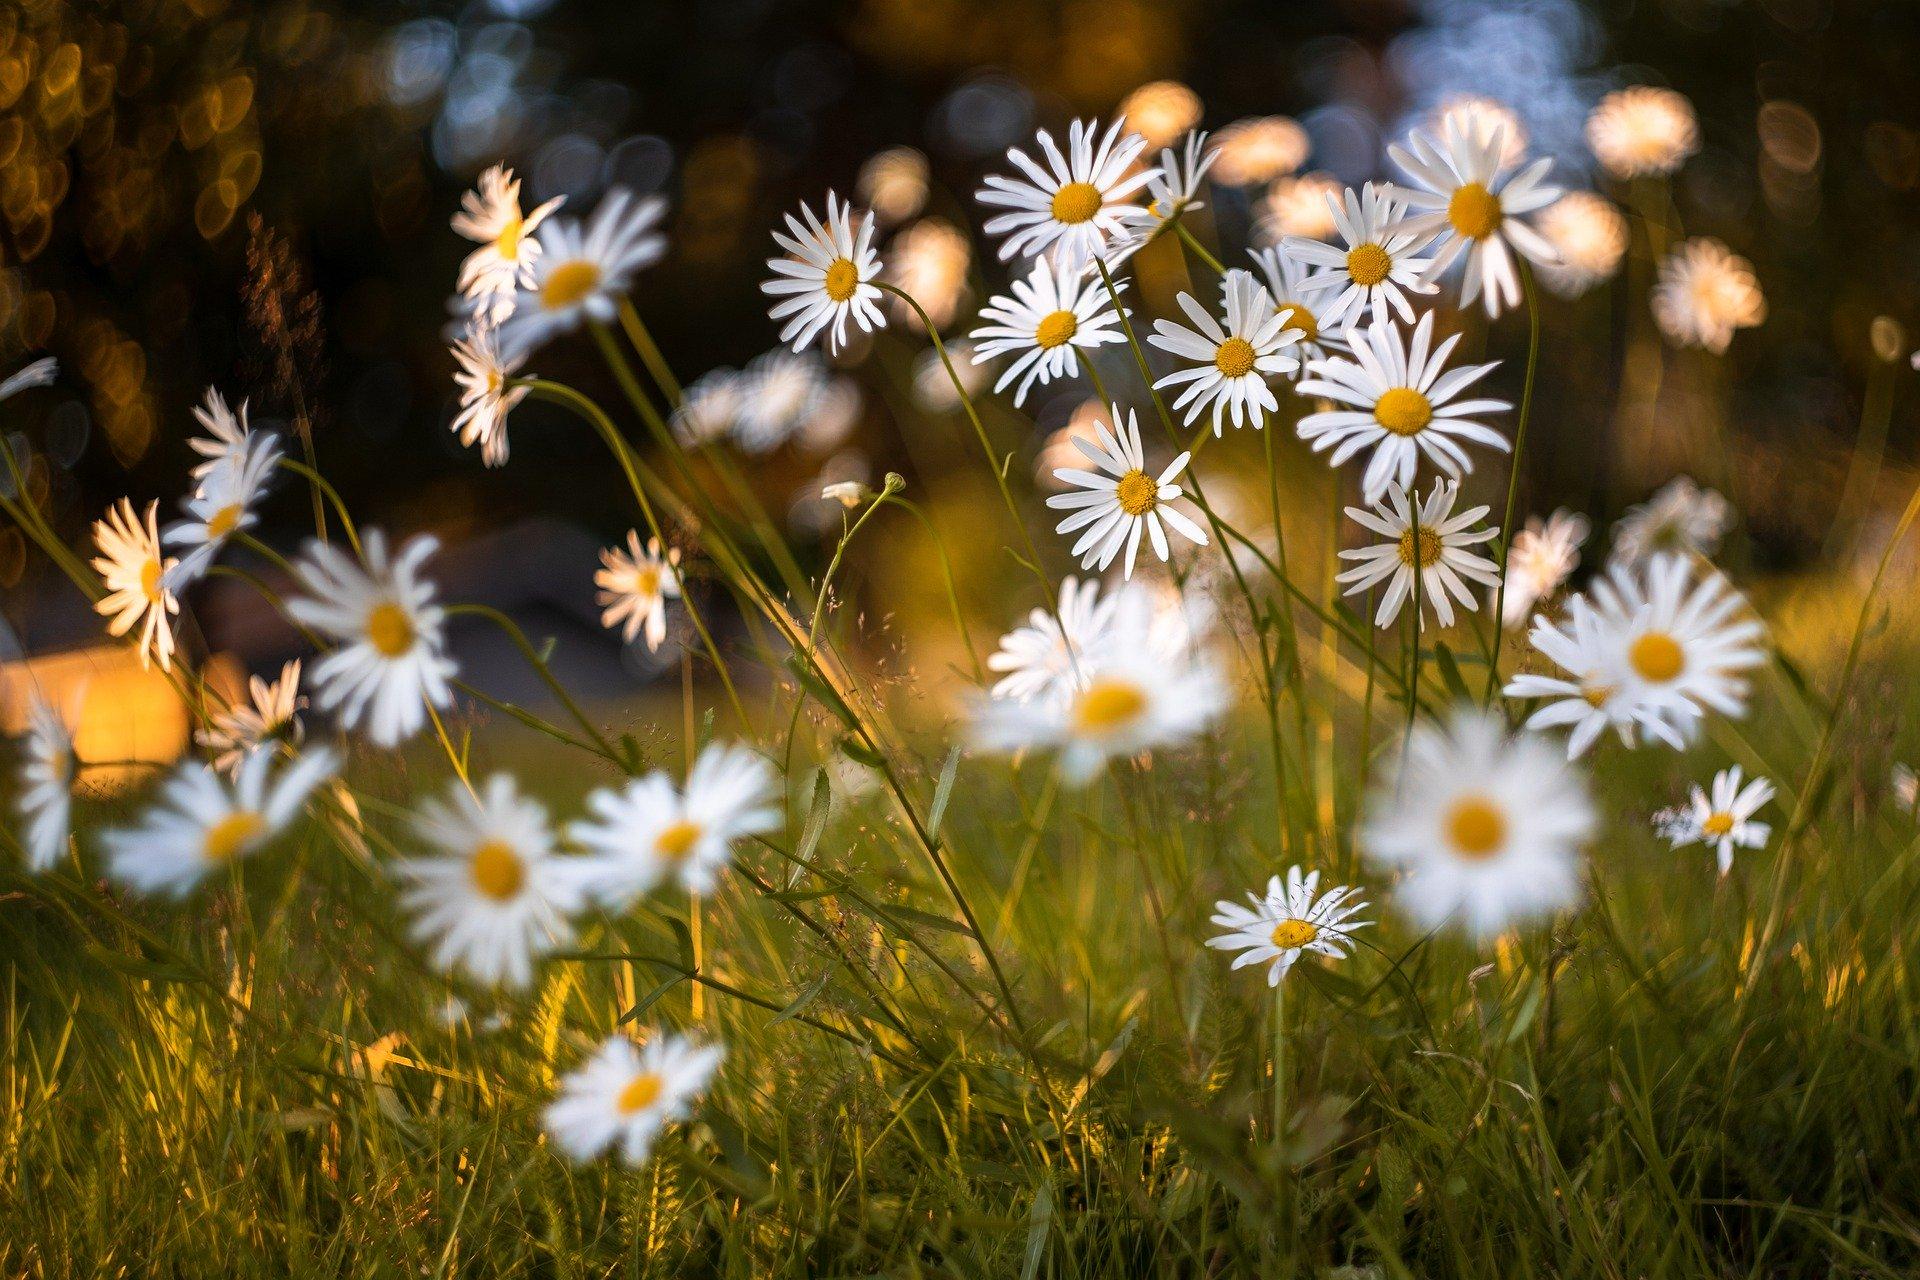 flowers-5479950_1920 (1).jpg